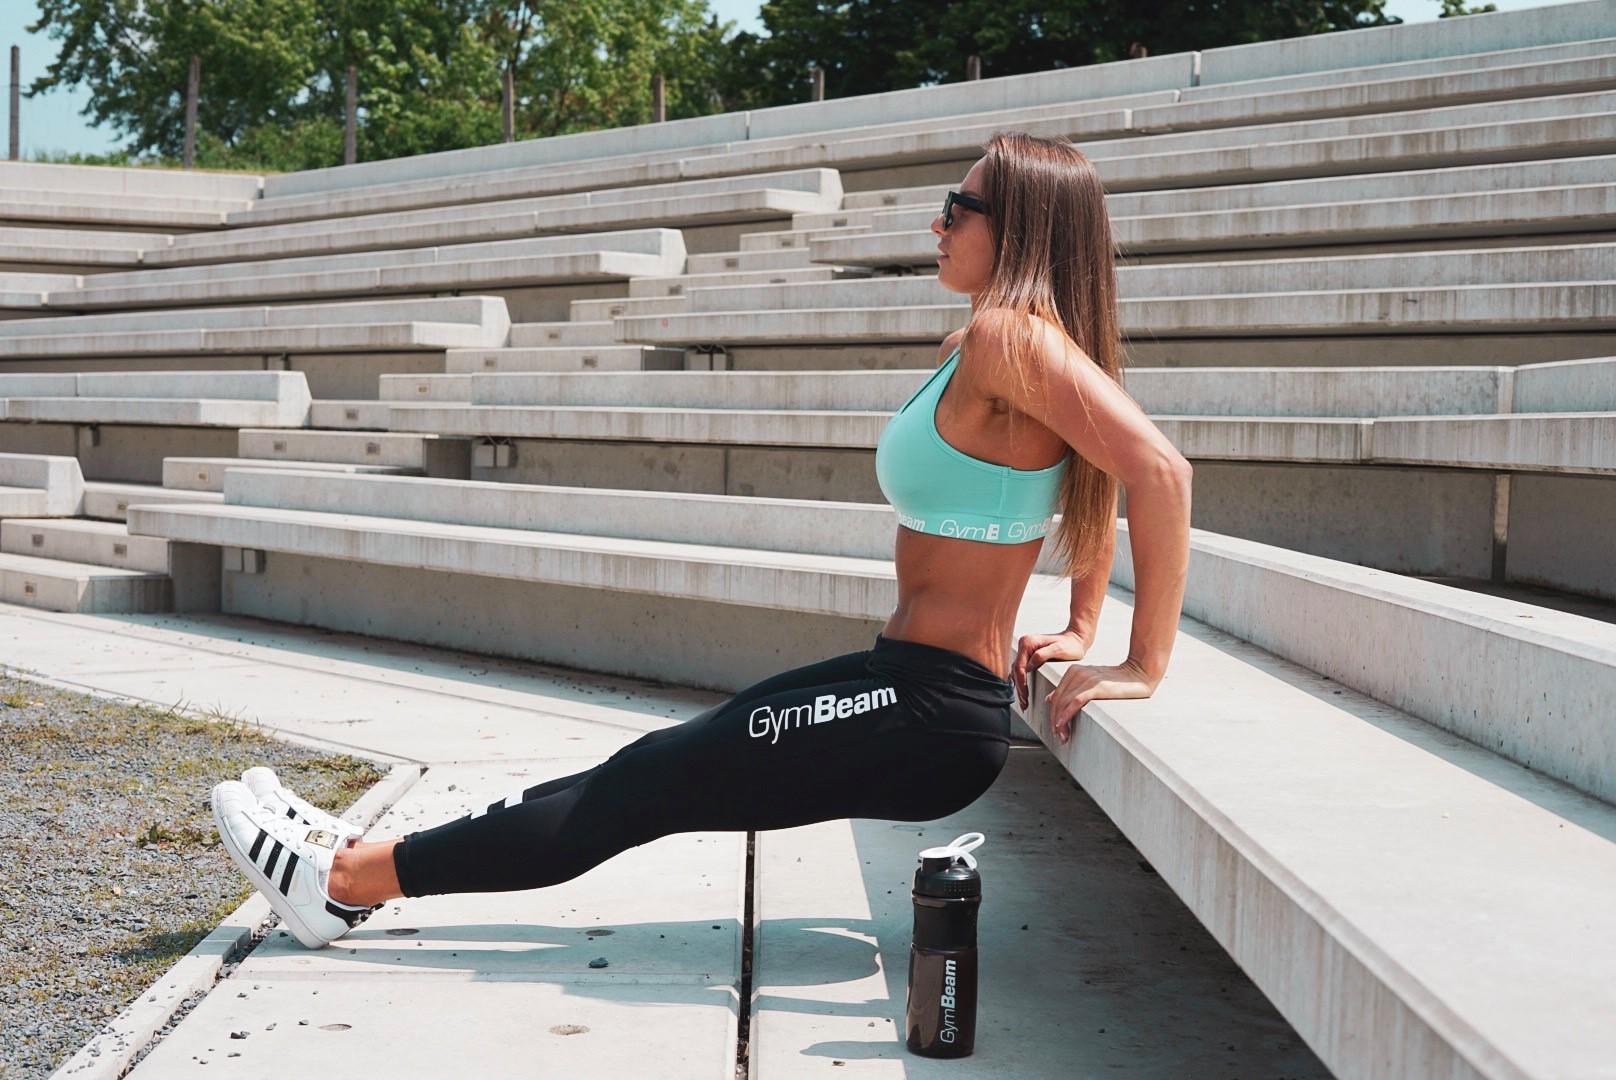 Kako odabrati prigodne vježbe?